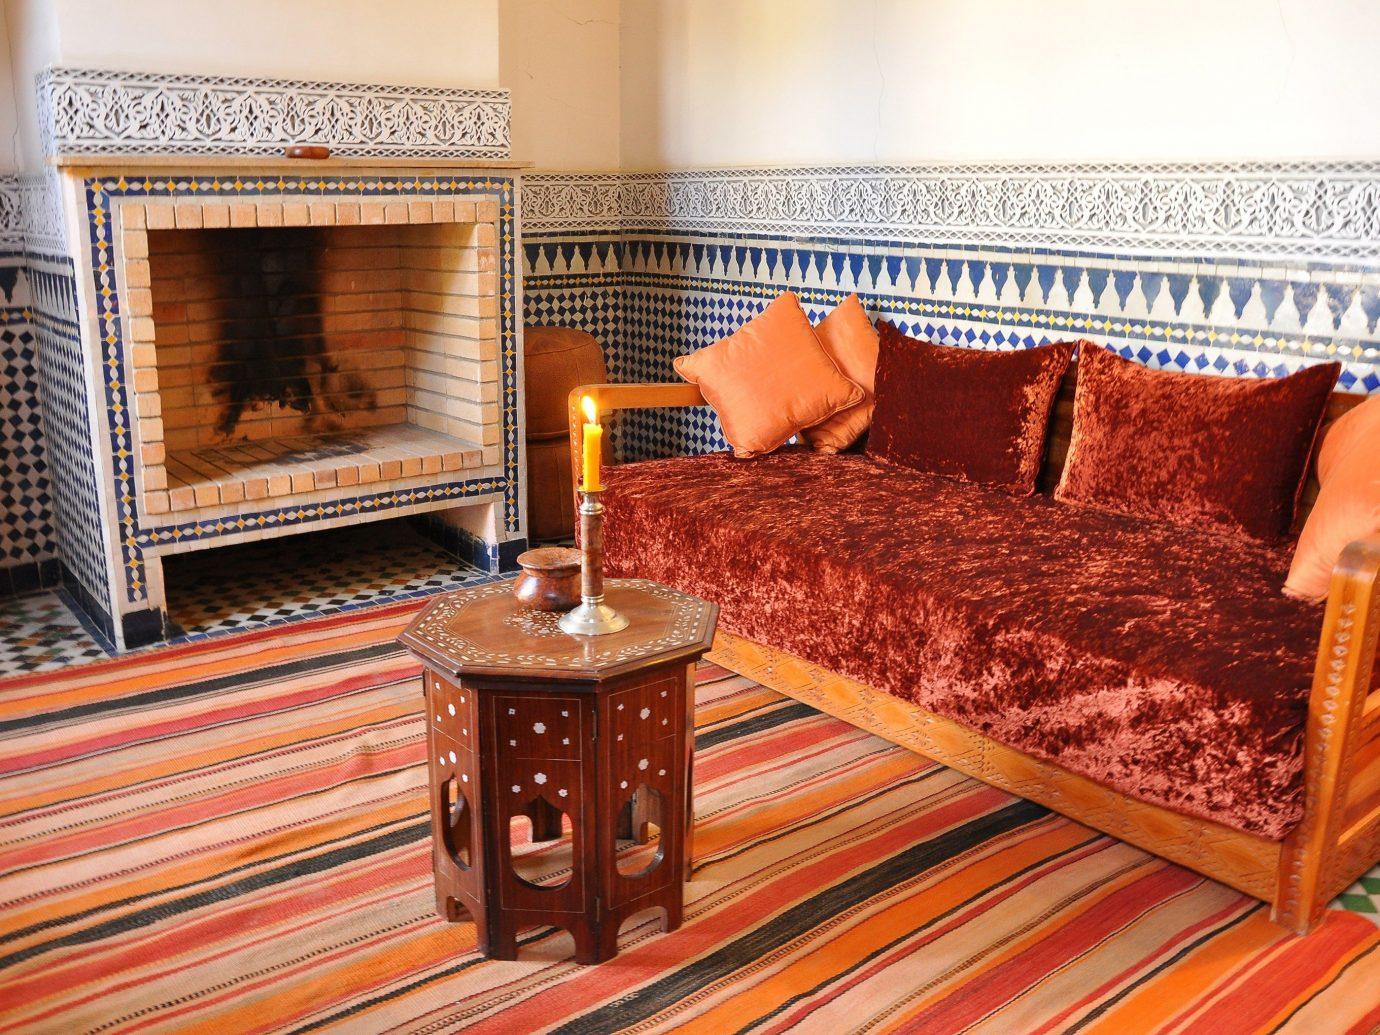 Hotels Offbeat indoor room Living floor property living room hardwood Suite cottage wood interior design rug real estate estate furniture